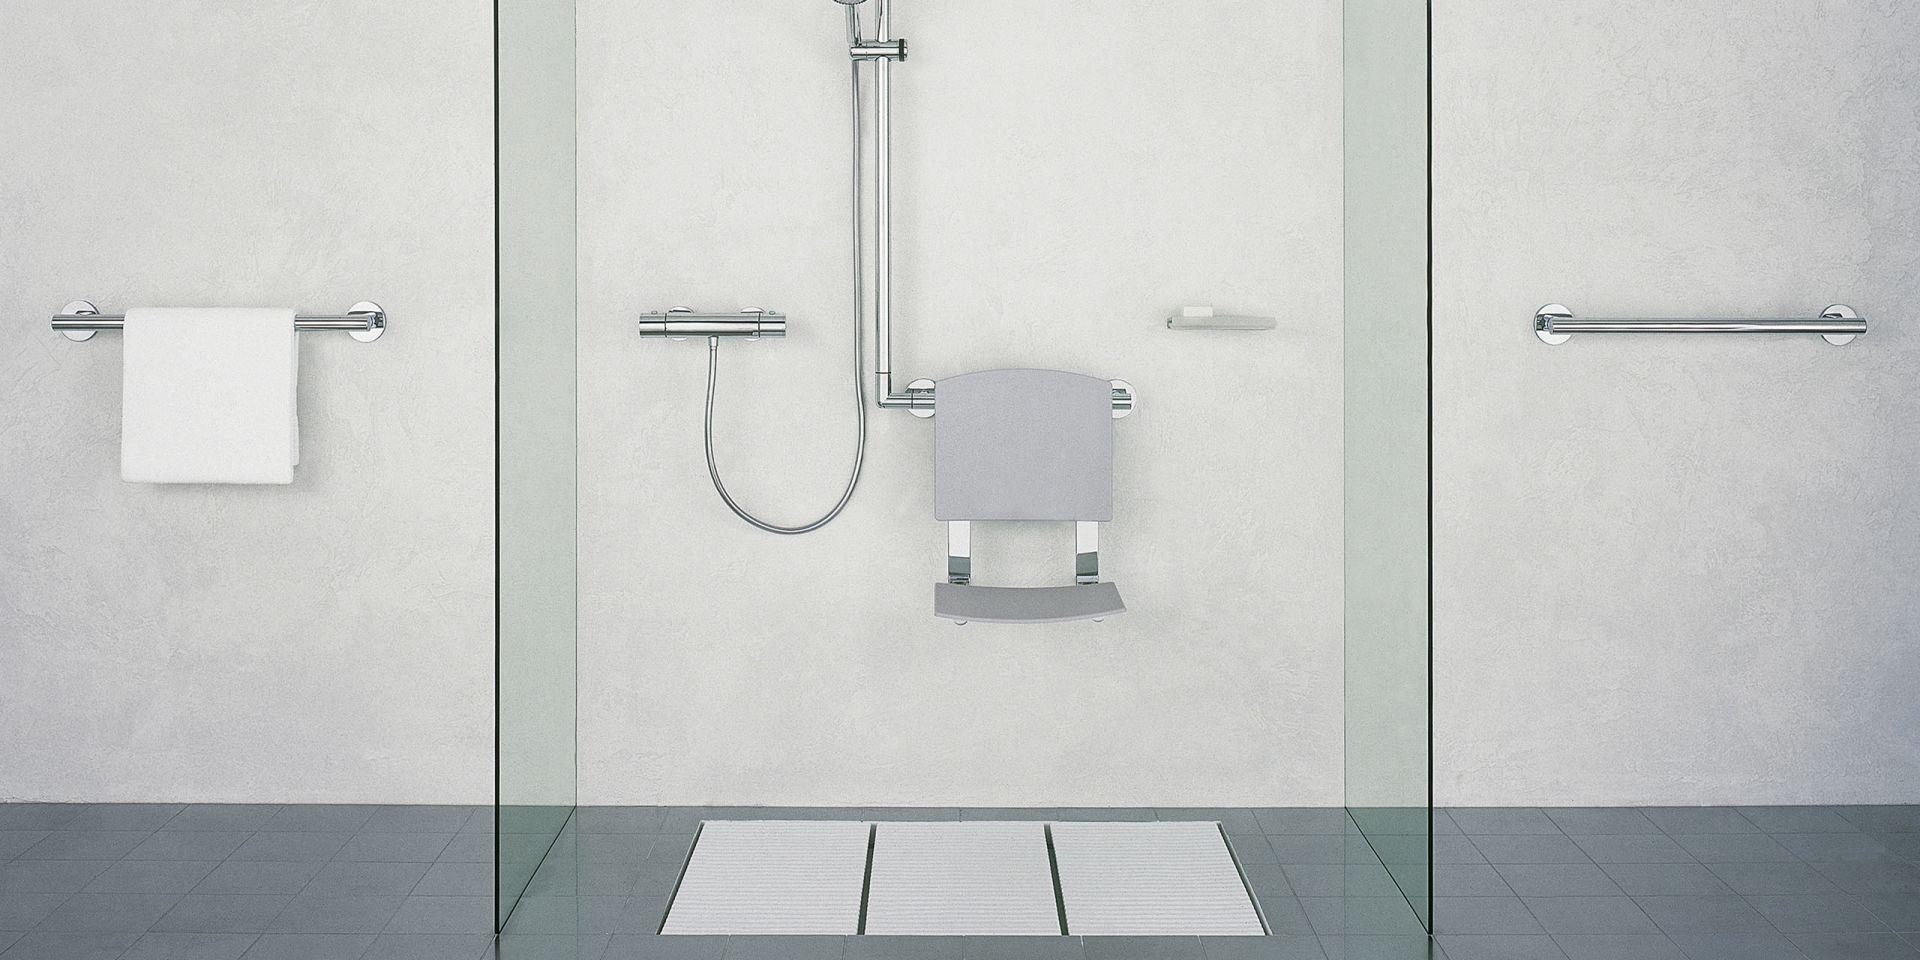 Full Size of Haltegriff Dusche Keuco Plan Care Komplettanbieter Fr Hochwertige Badausstattung Glaswand Badewanne Walk In Begehbare Fliesen Moderne Duschen Kaufen Dusche Haltegriff Dusche